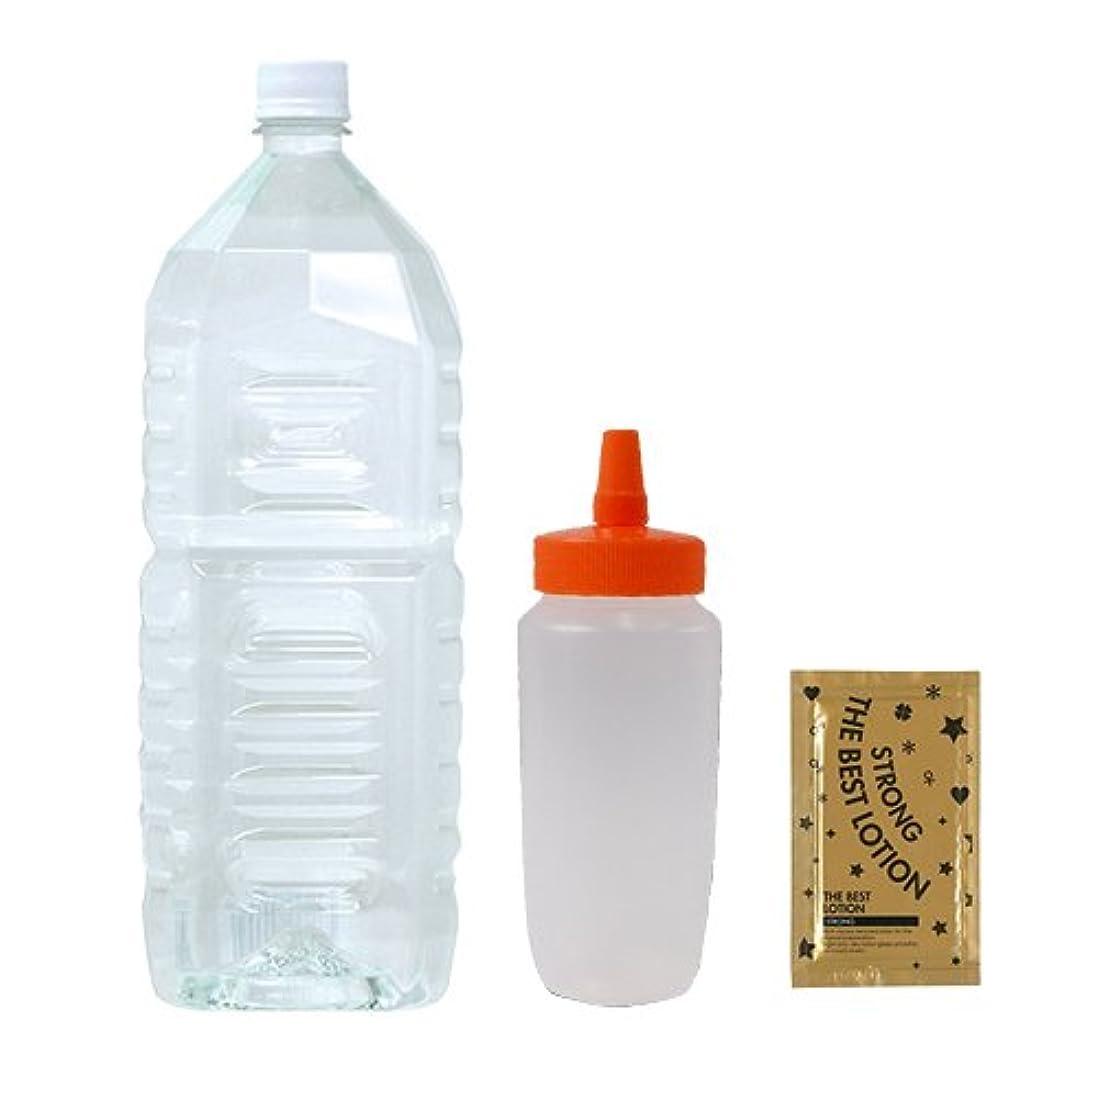 レモン急降下子孫クリアローション 2Lペットボトル ハードタイプ(5倍濃縮原液)+ はちみつ容器360ml(オレンジキャップ)+ ベストローションストロング 1包付き セット